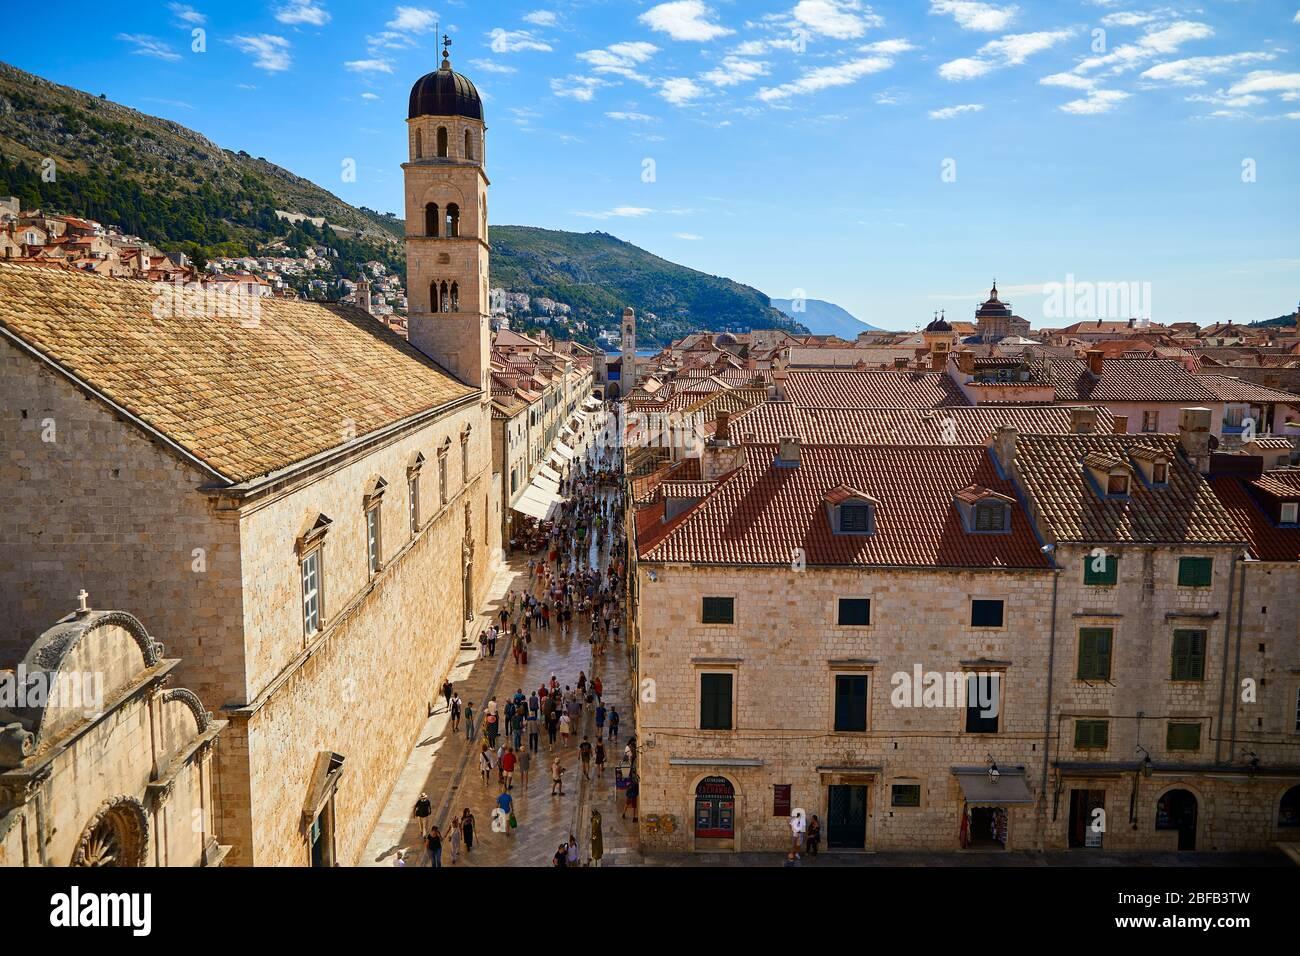 Vue sur le Stradun (Placa) avec l'Église Franciscaine et l'Église Saint-Sauveur au premier plan à Dubrovnik, Croatie. Banque D'Images